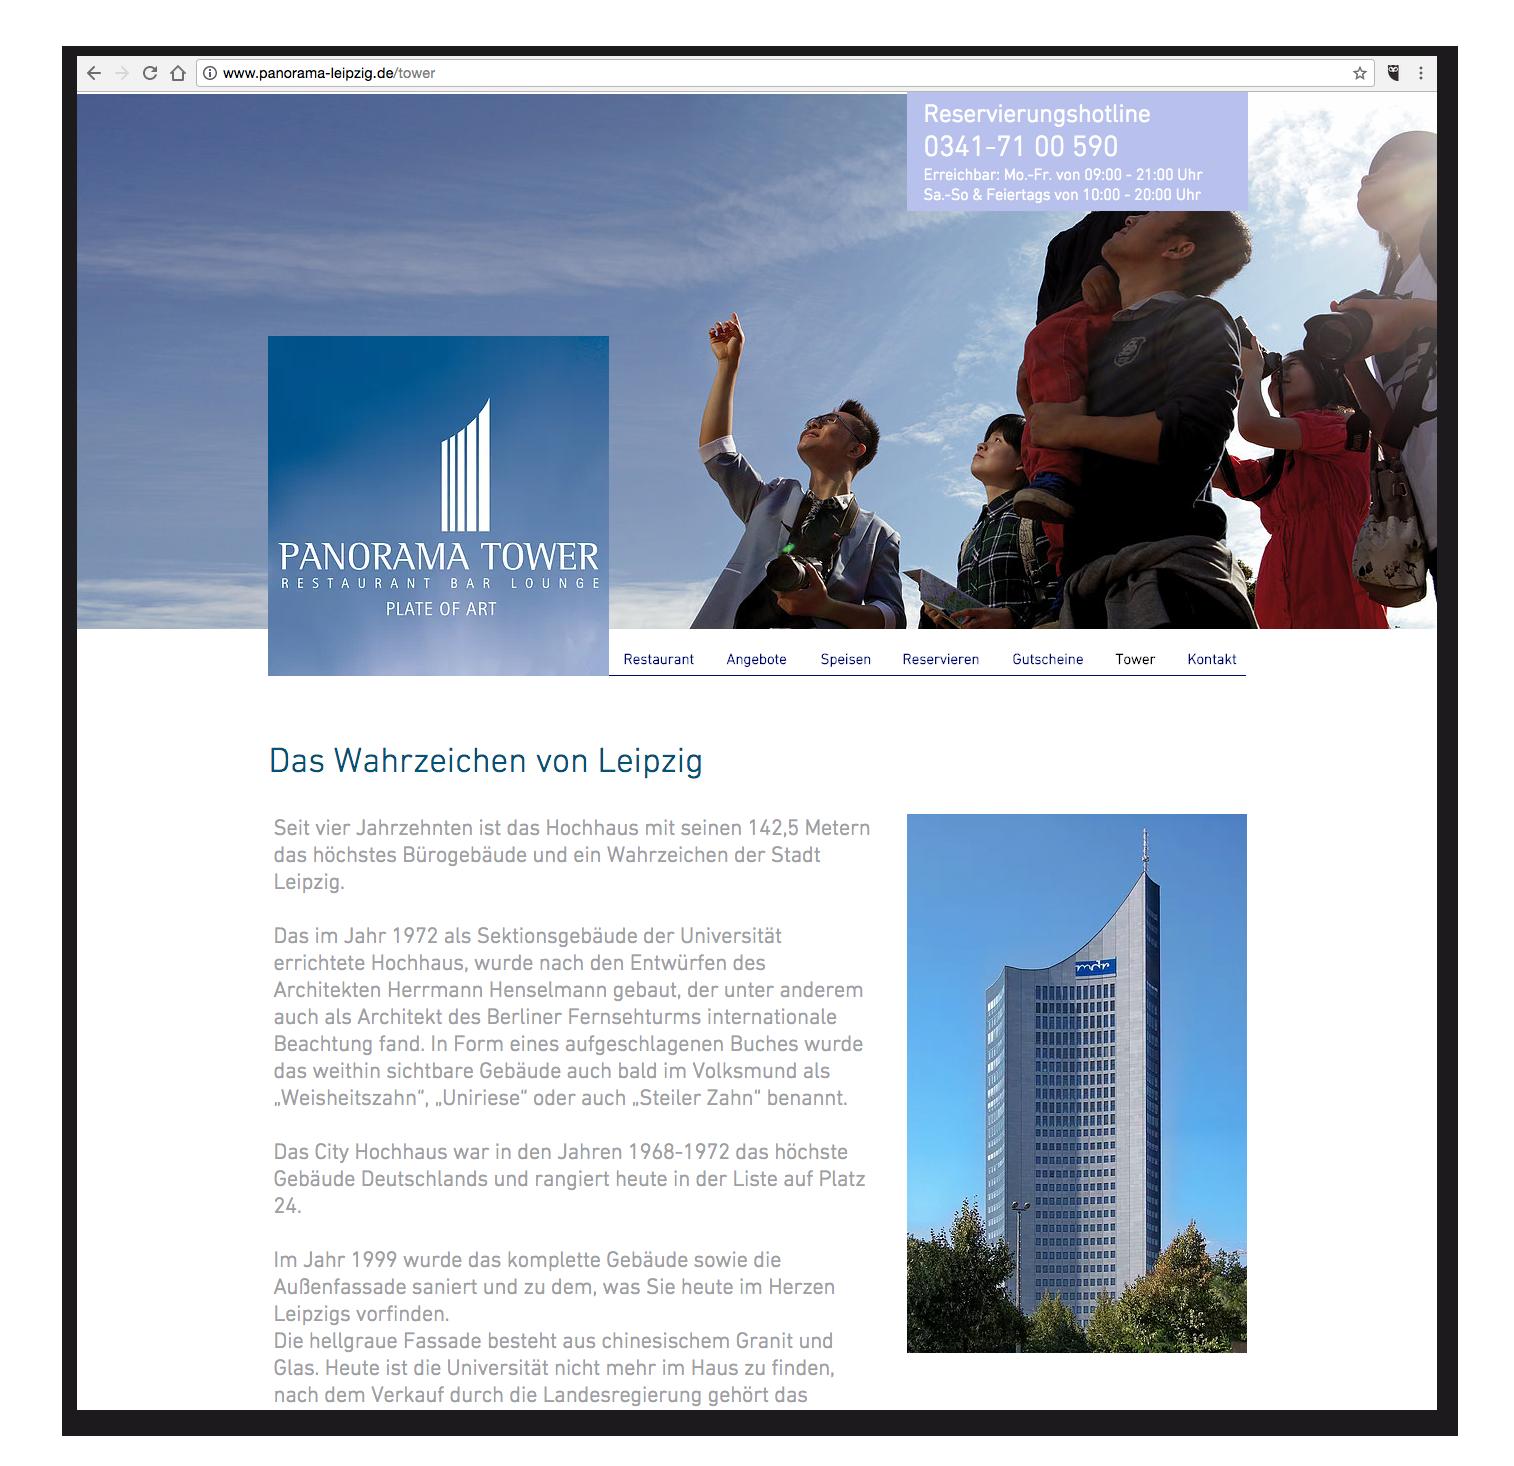 Panorama Tower - Wahrzeichen